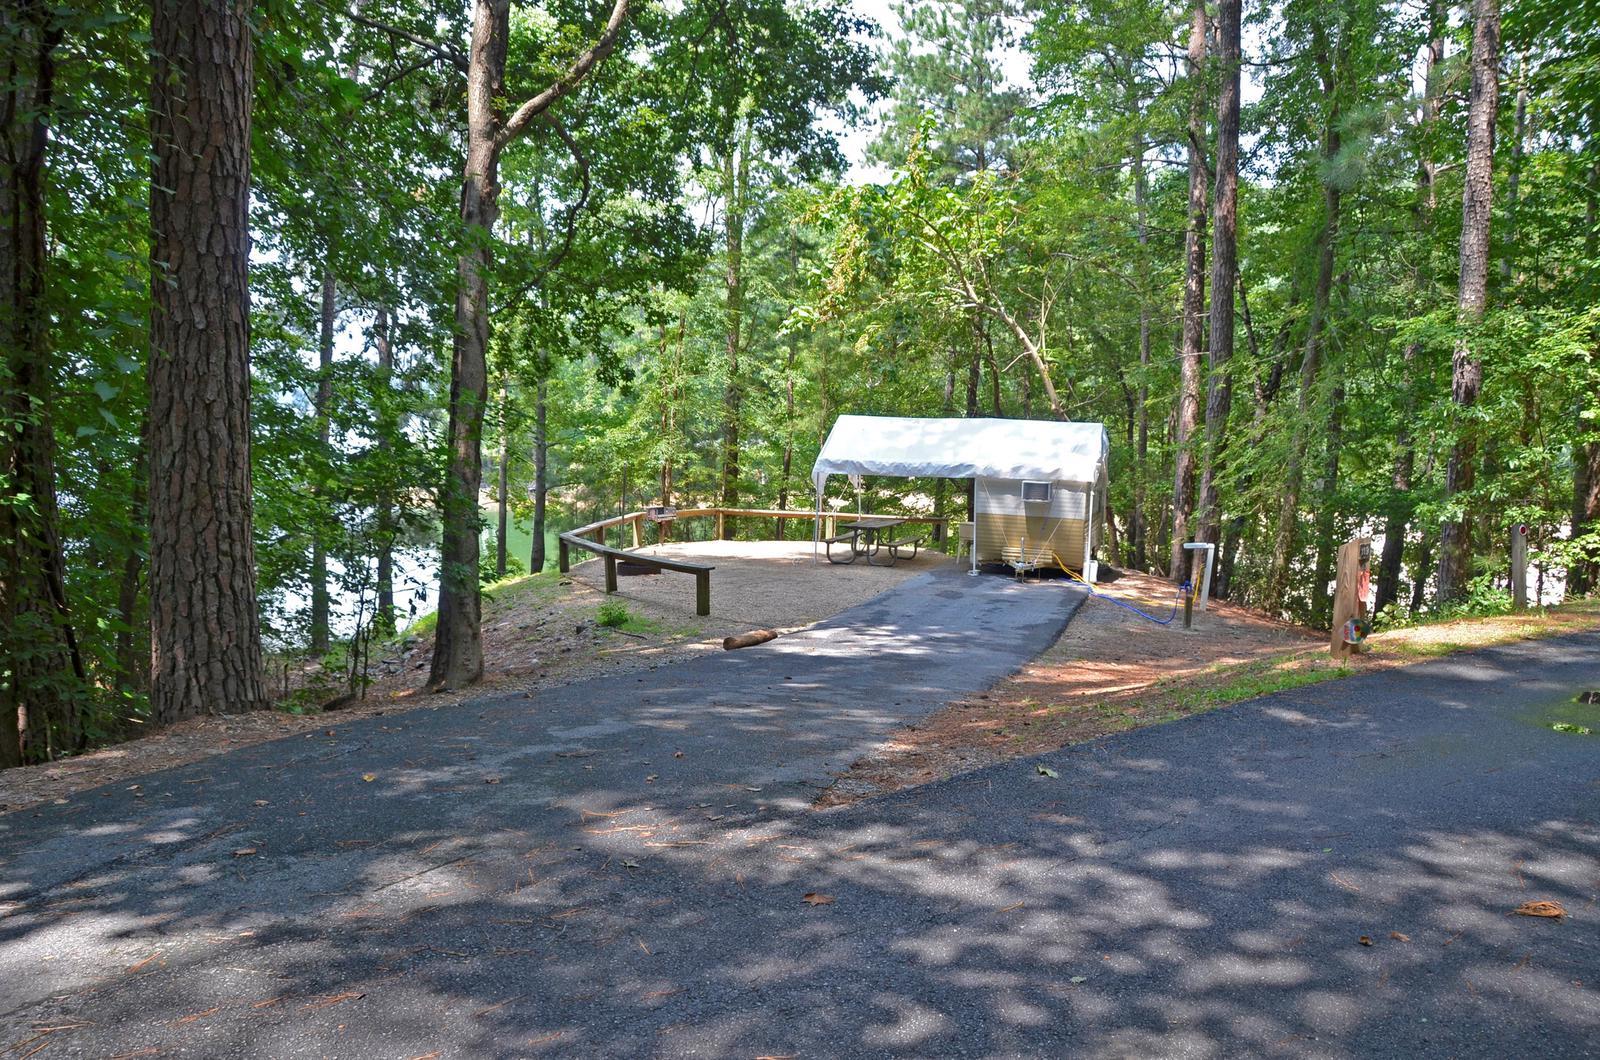 McKinney Campground Site 119